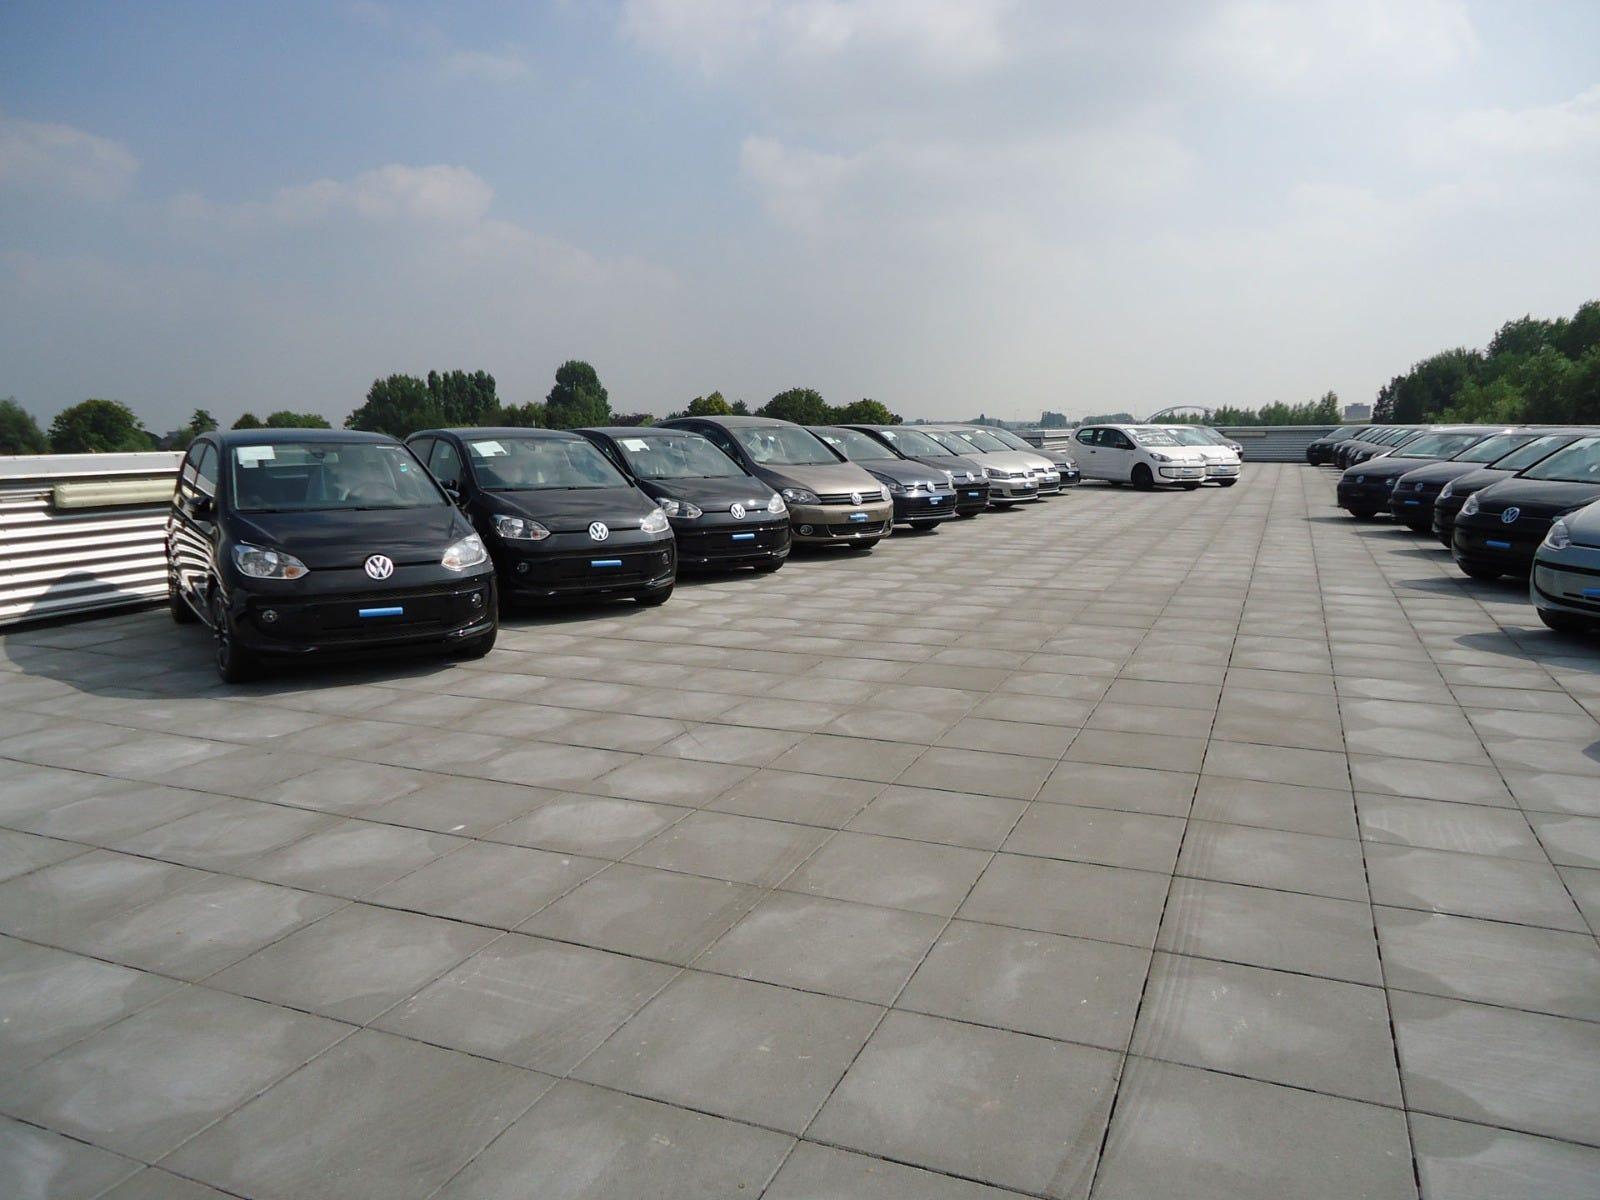 Wittebrug AutoGroep in Den Haag